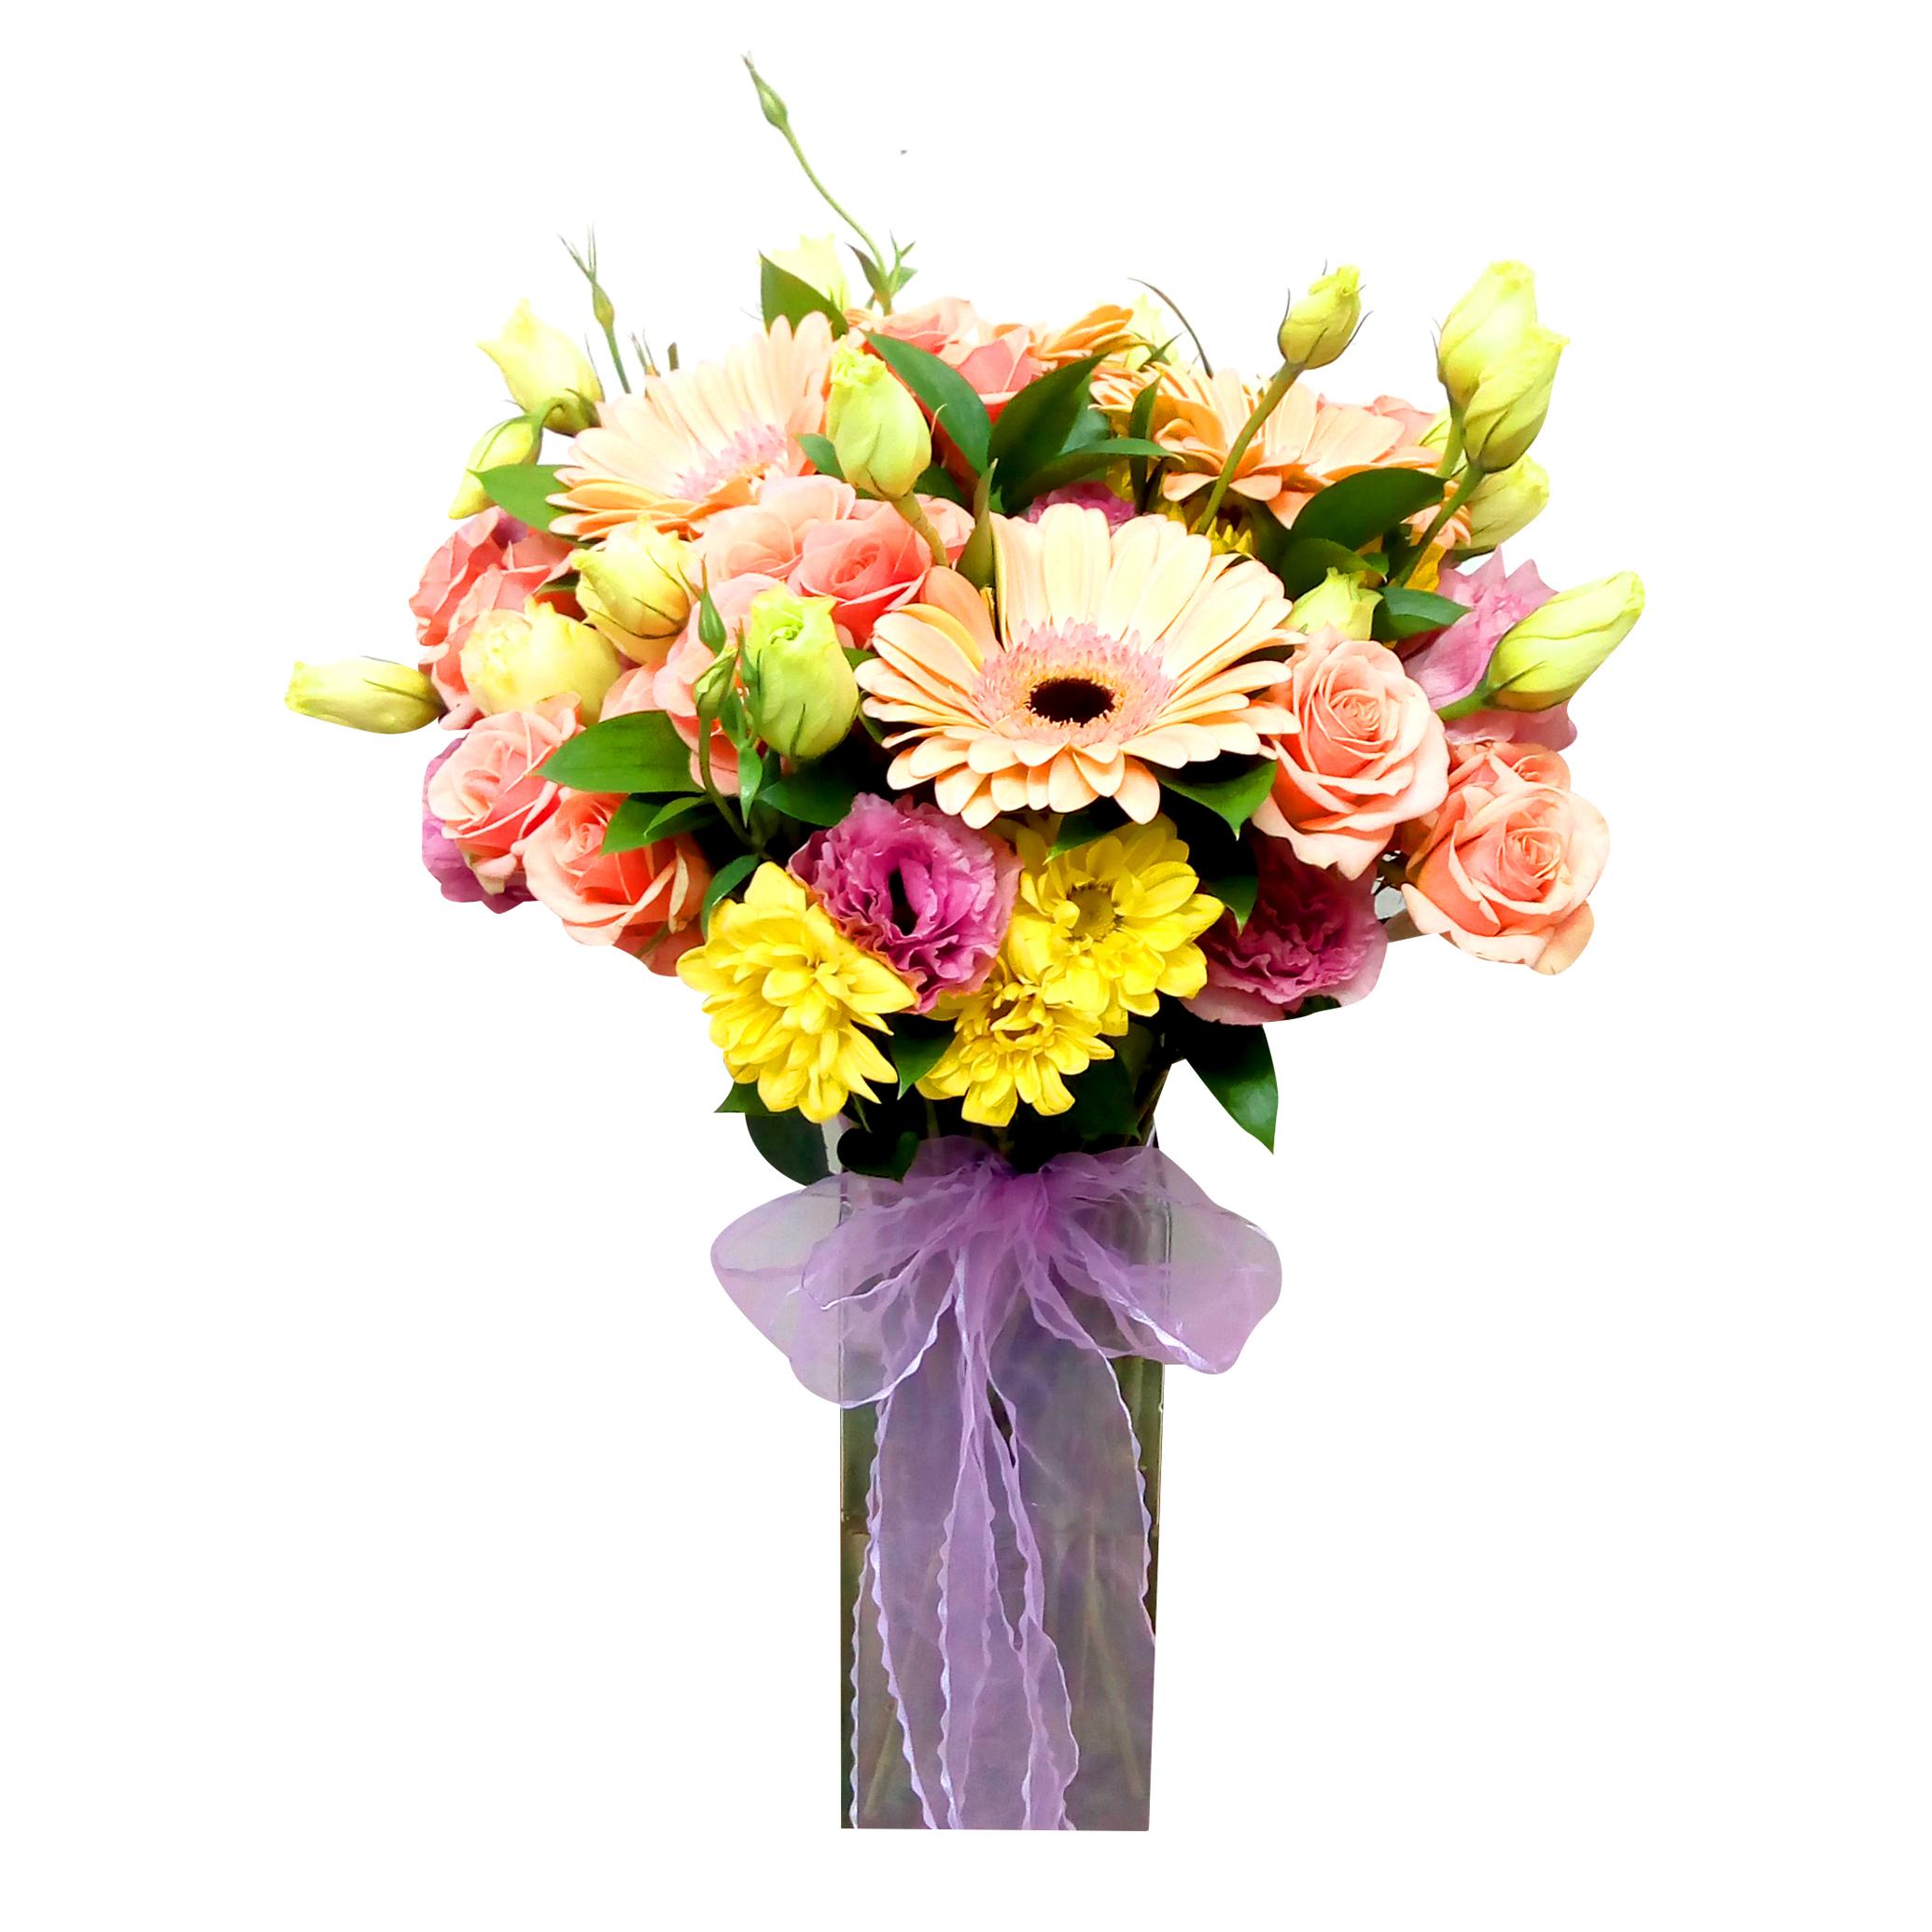 Floreros Mixto con Gerberas, Mini rosas y Mable Margarita